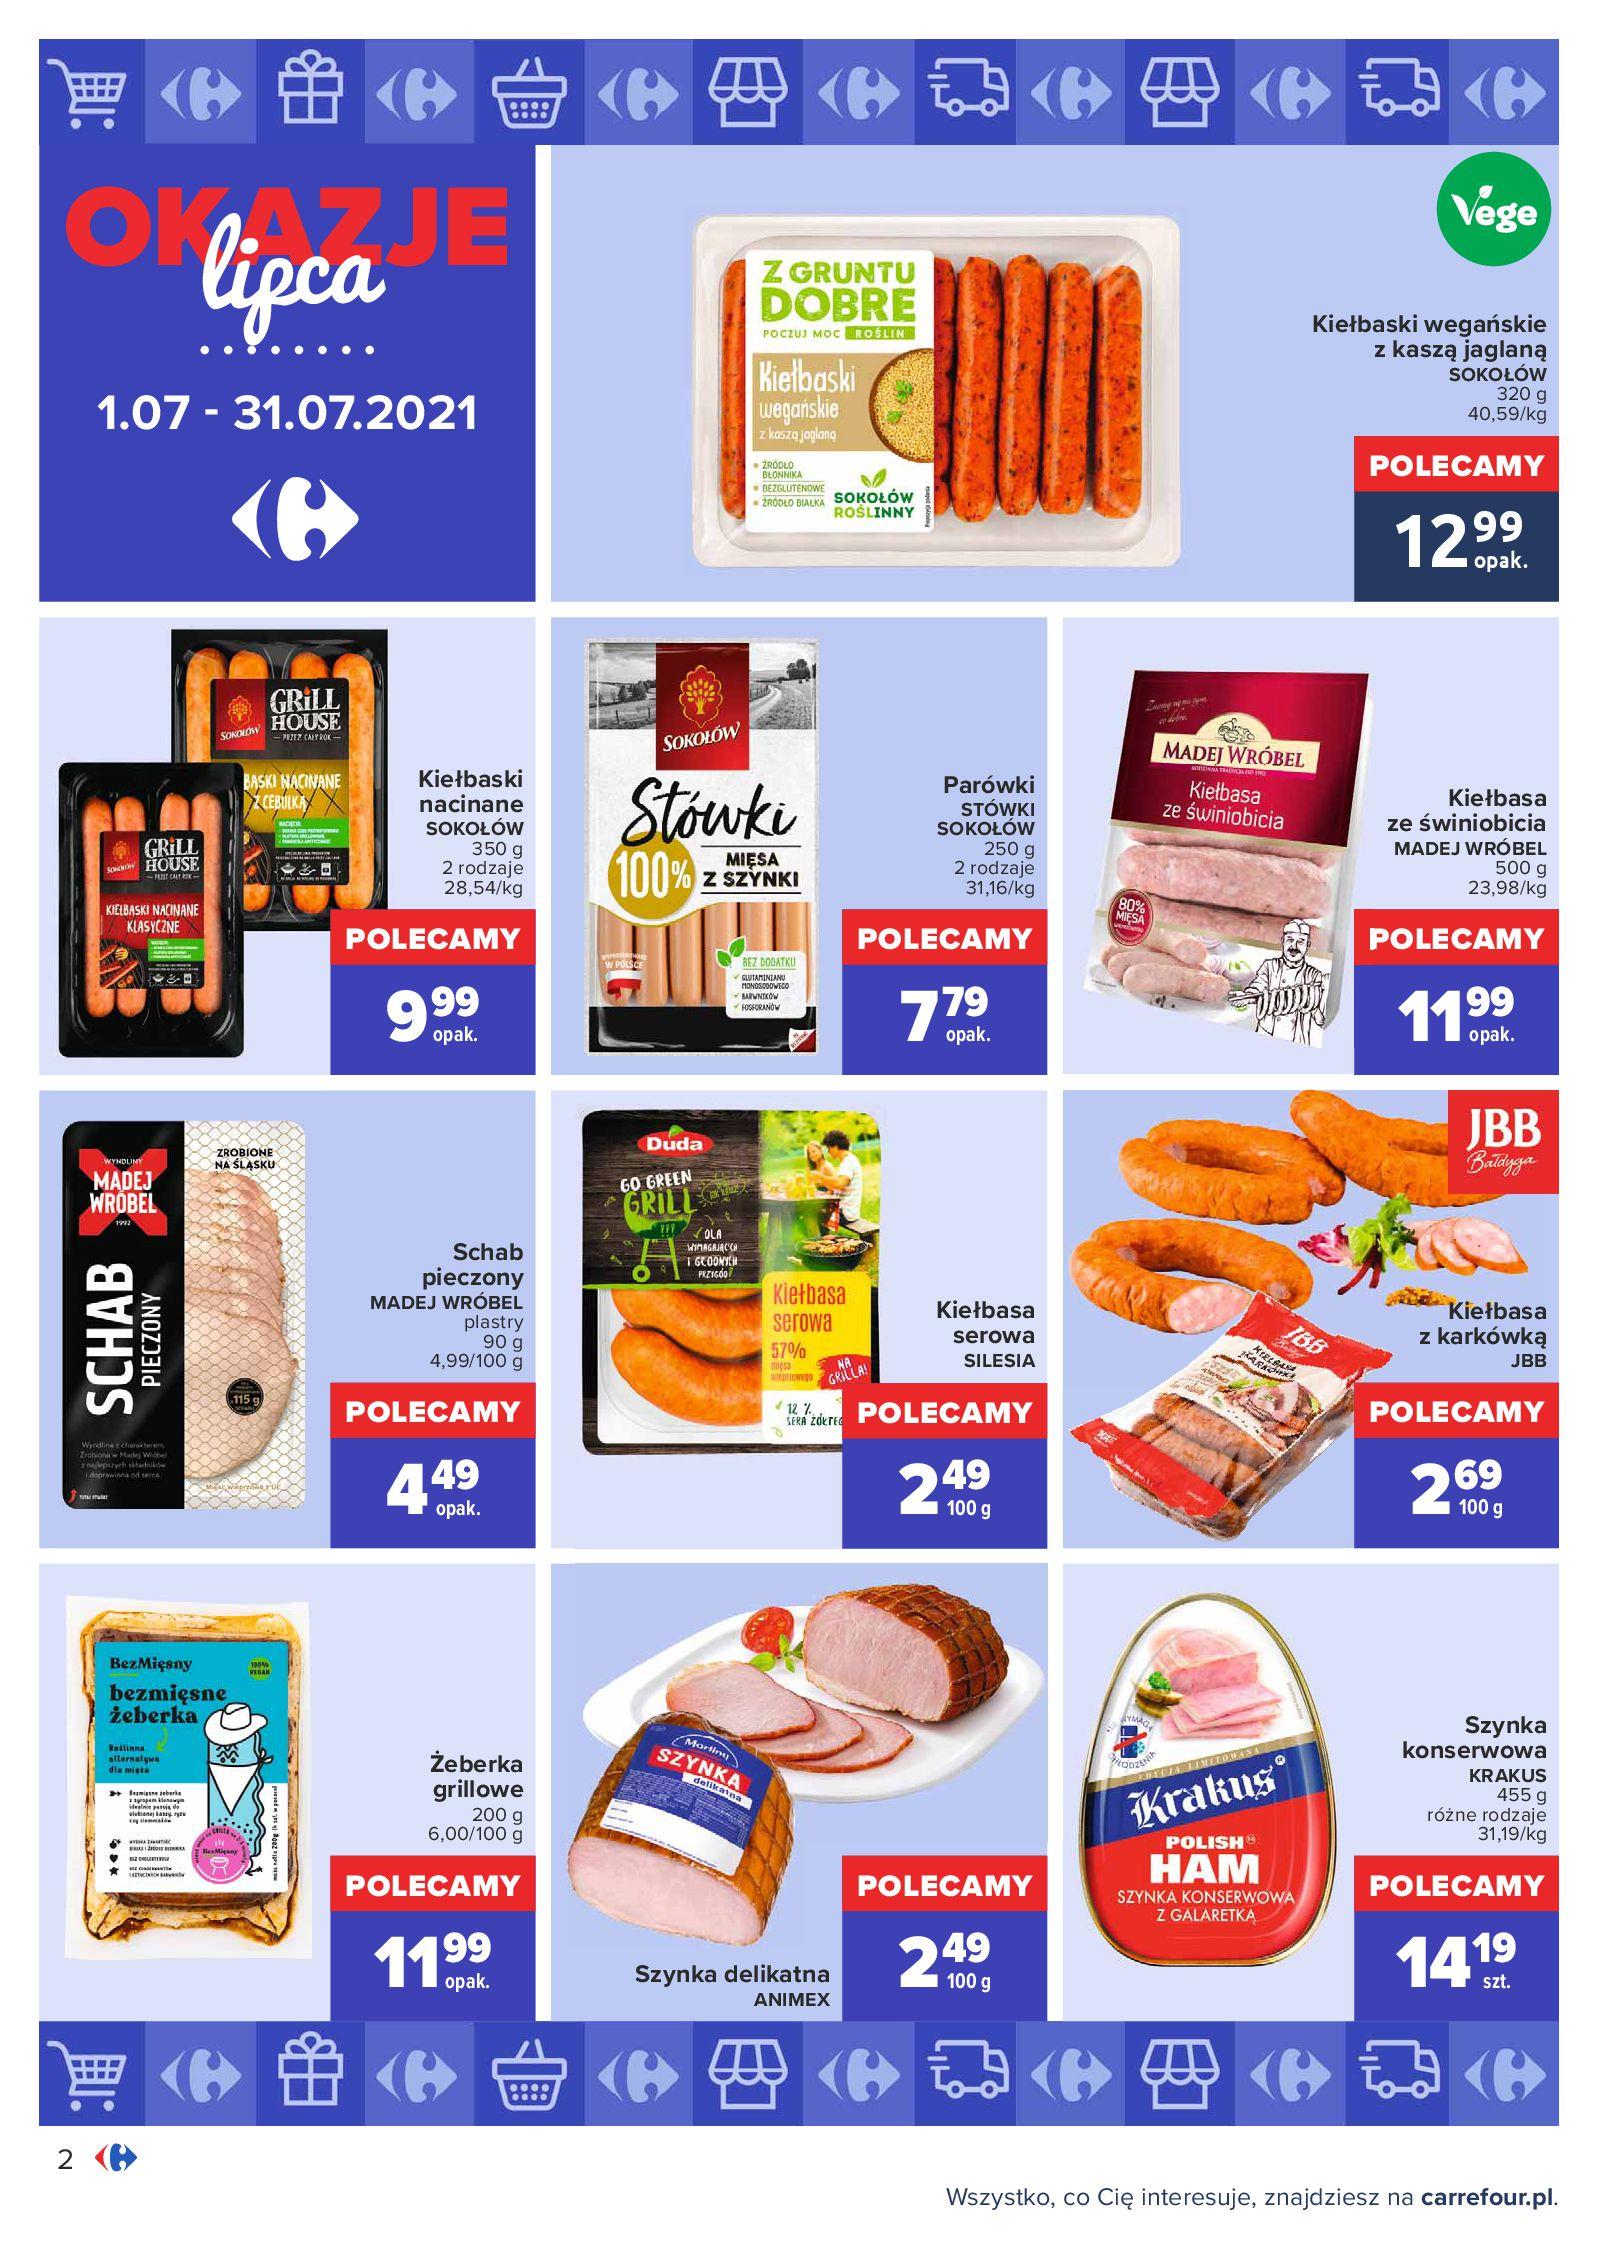 Gazetka Carrefour: Gazetka Carrefour - Okazje lipca 2021-07-01 page-2